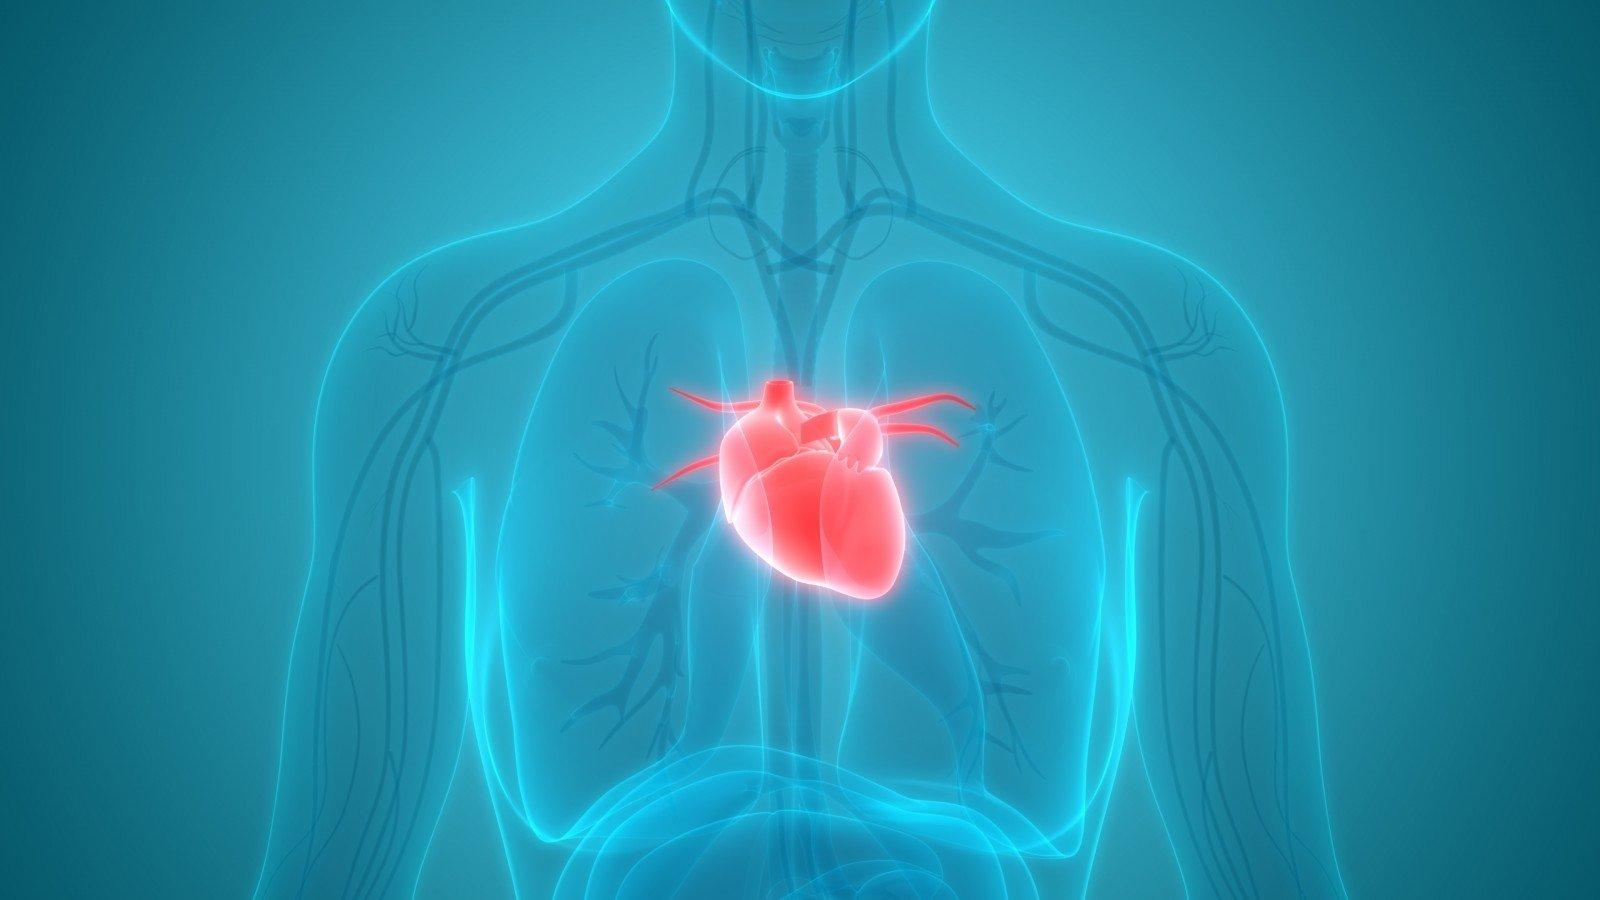 kaip išgydyti kraujagysles, sergančias hipertenzija hipertenzijos mokslininkai